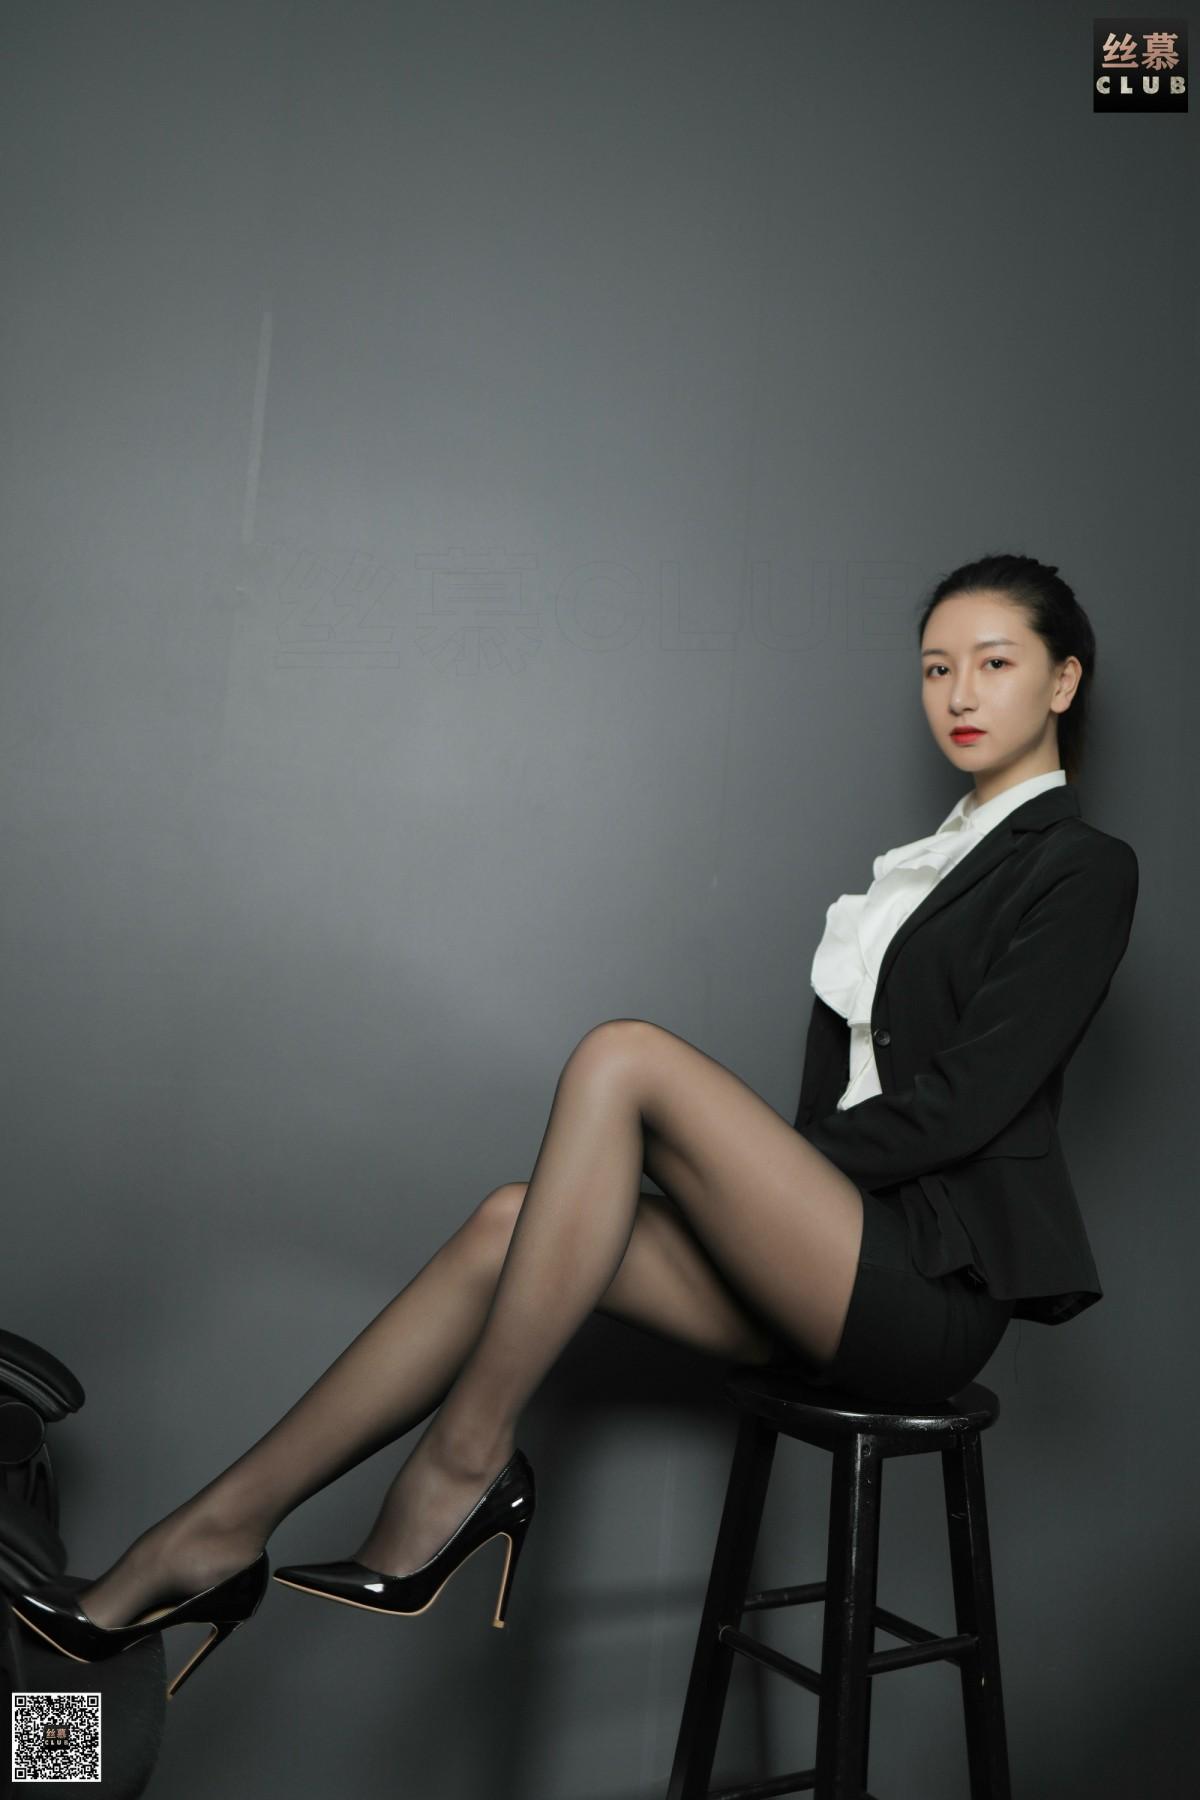 丝慕写真 SM171 茗茗 - 请别在办公室爱上我 第3张